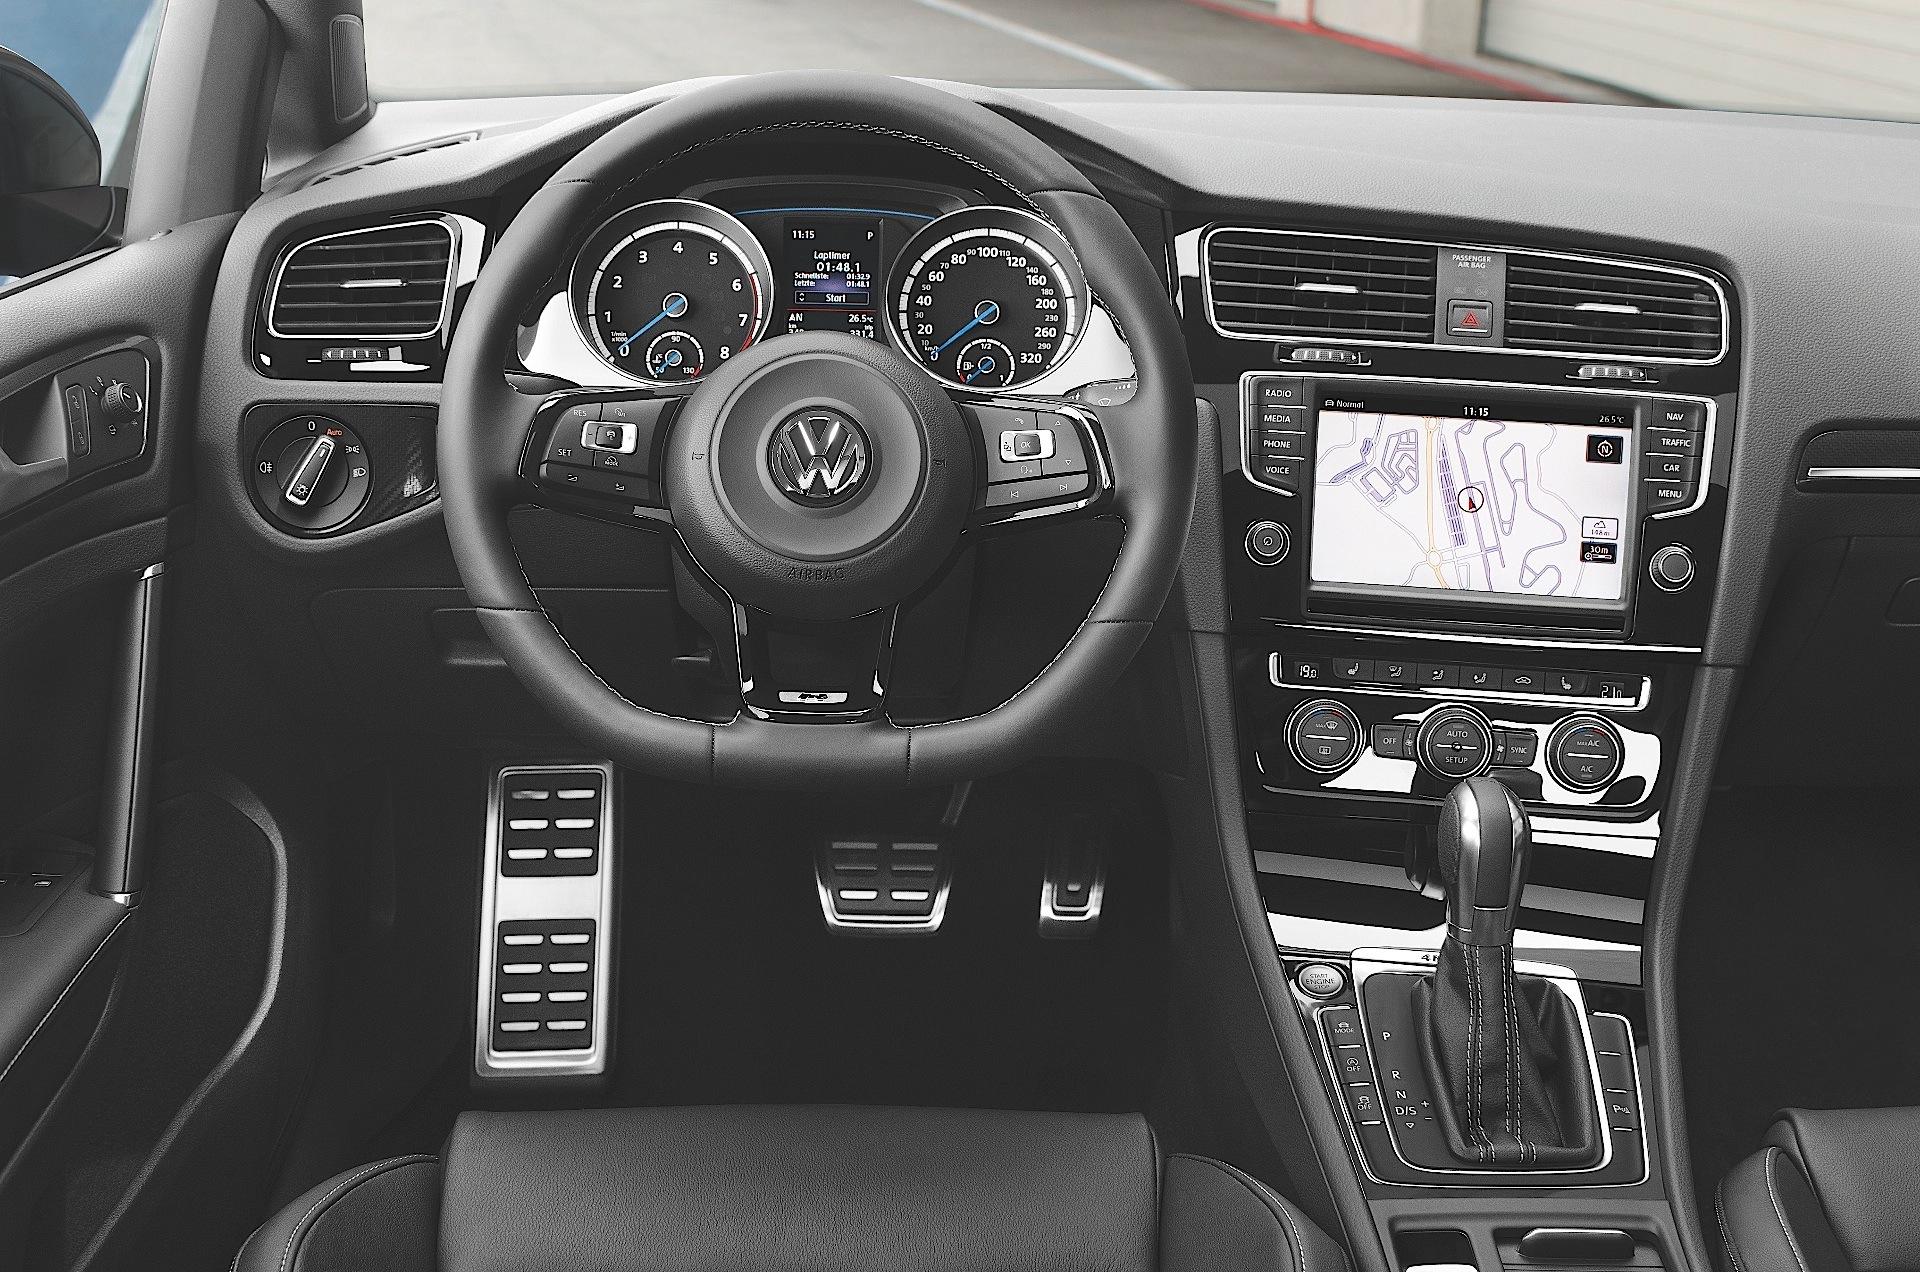 VOLKSWAGEN Golf VII R 3 Doors specs & photos - 2013, 2014, 2015, 2016, 2017 - autoevolution